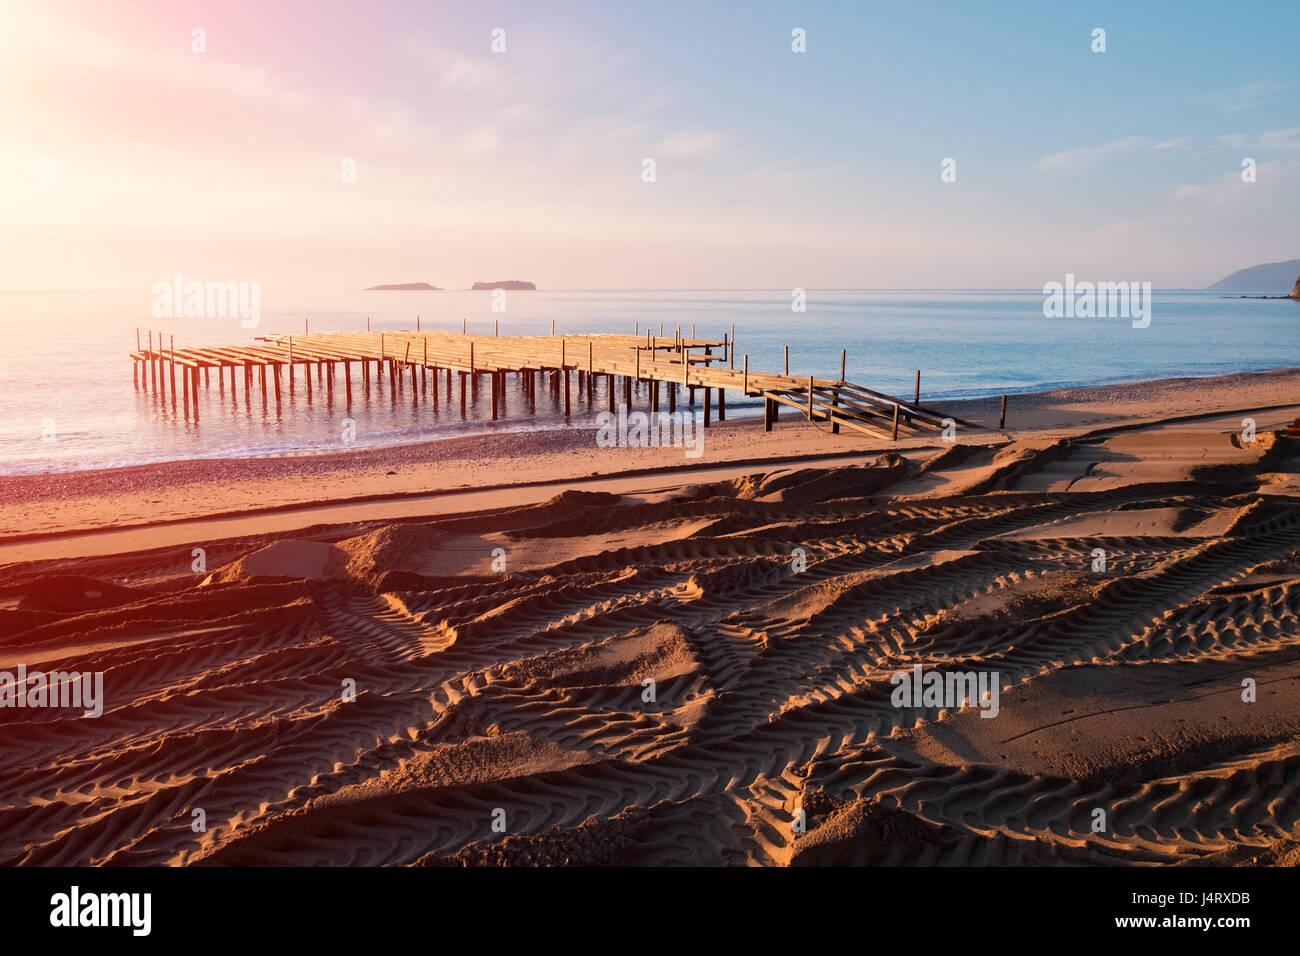 Installation d'une terrasse d'été sur la plage. Vue imprenable sur la mer méditerranée. Sable importé sur une plage Banque D'Images